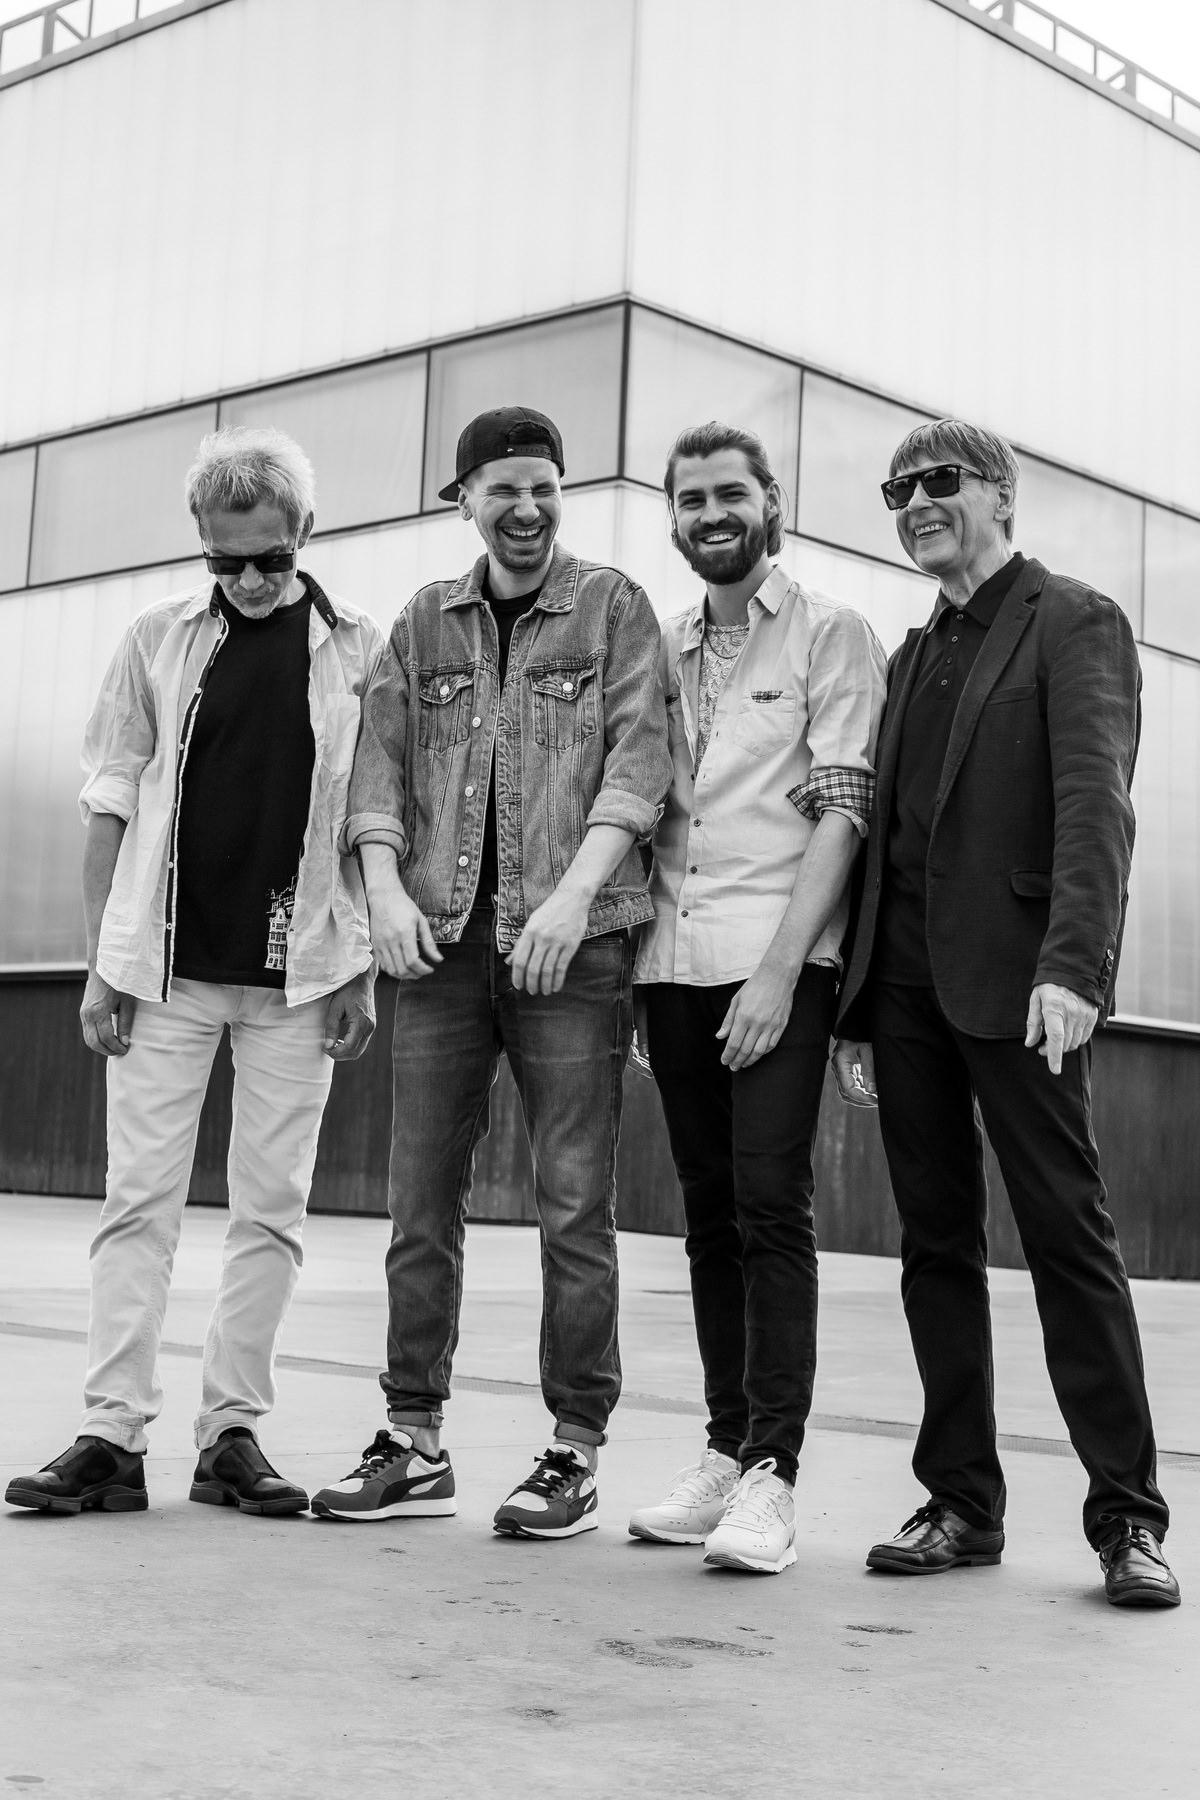 Le groupe Alliance donnera un grand concert le 1er novembre au club 16 Ton